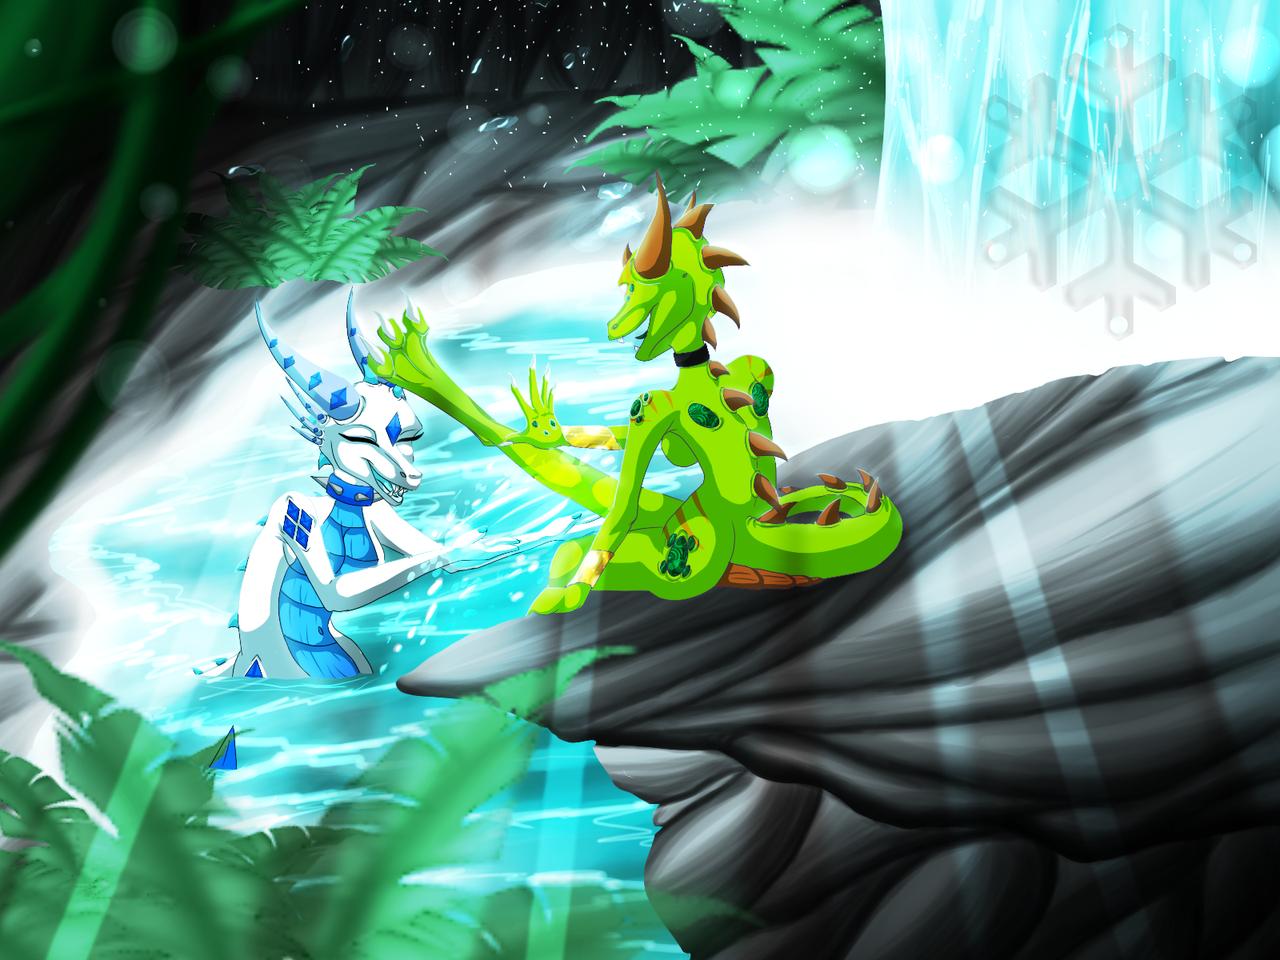 __c__splashin_around_by_snowfleet-d9smzcd.png